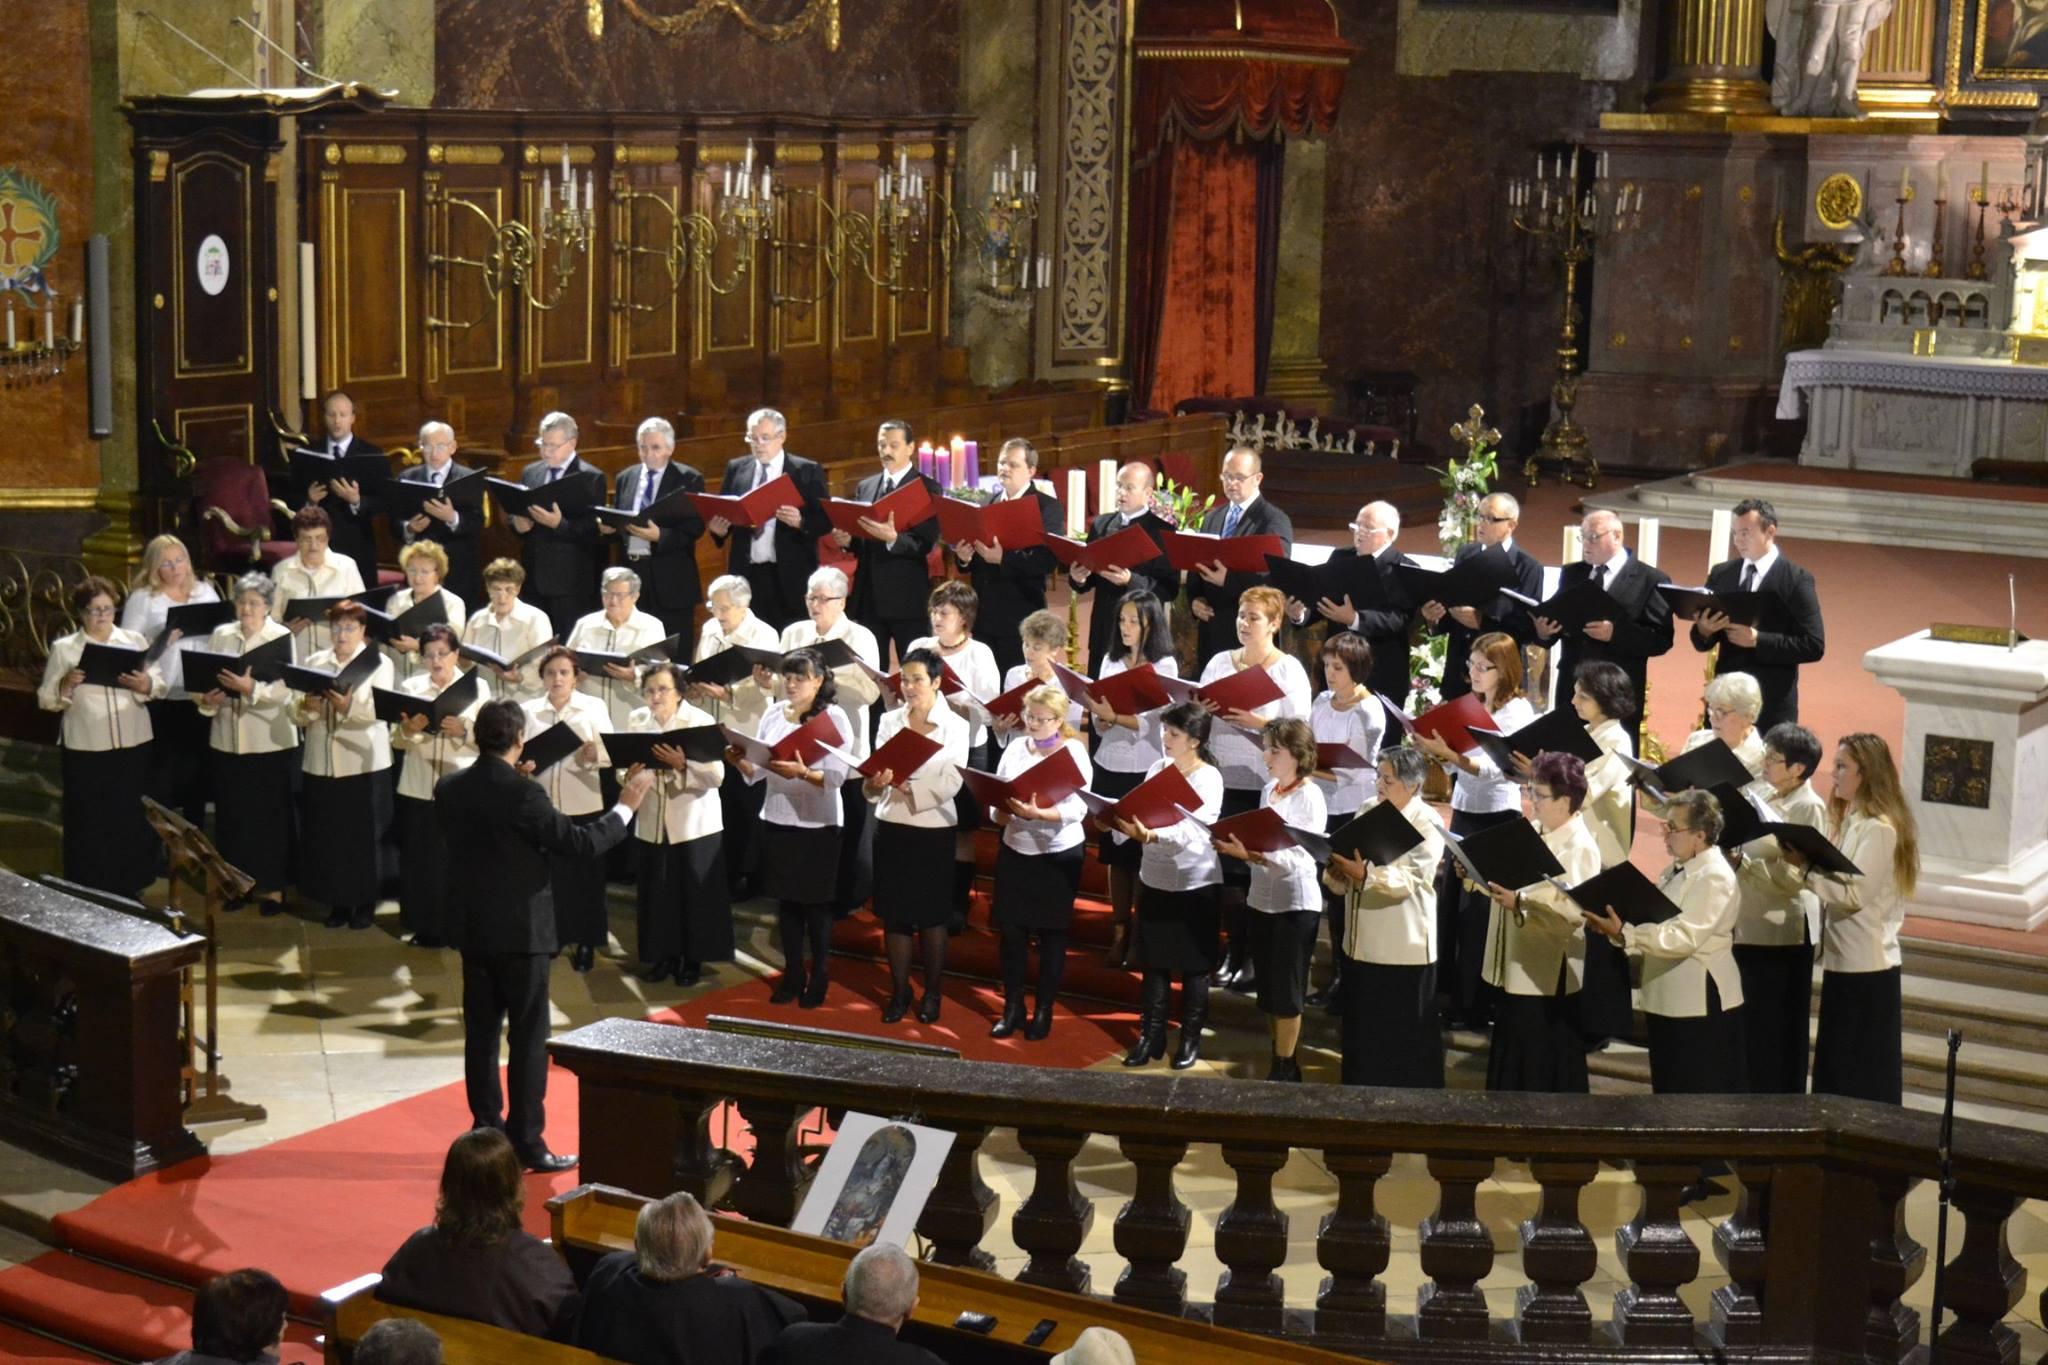 Ökumenikus adventi koncert volt a székesegyházban